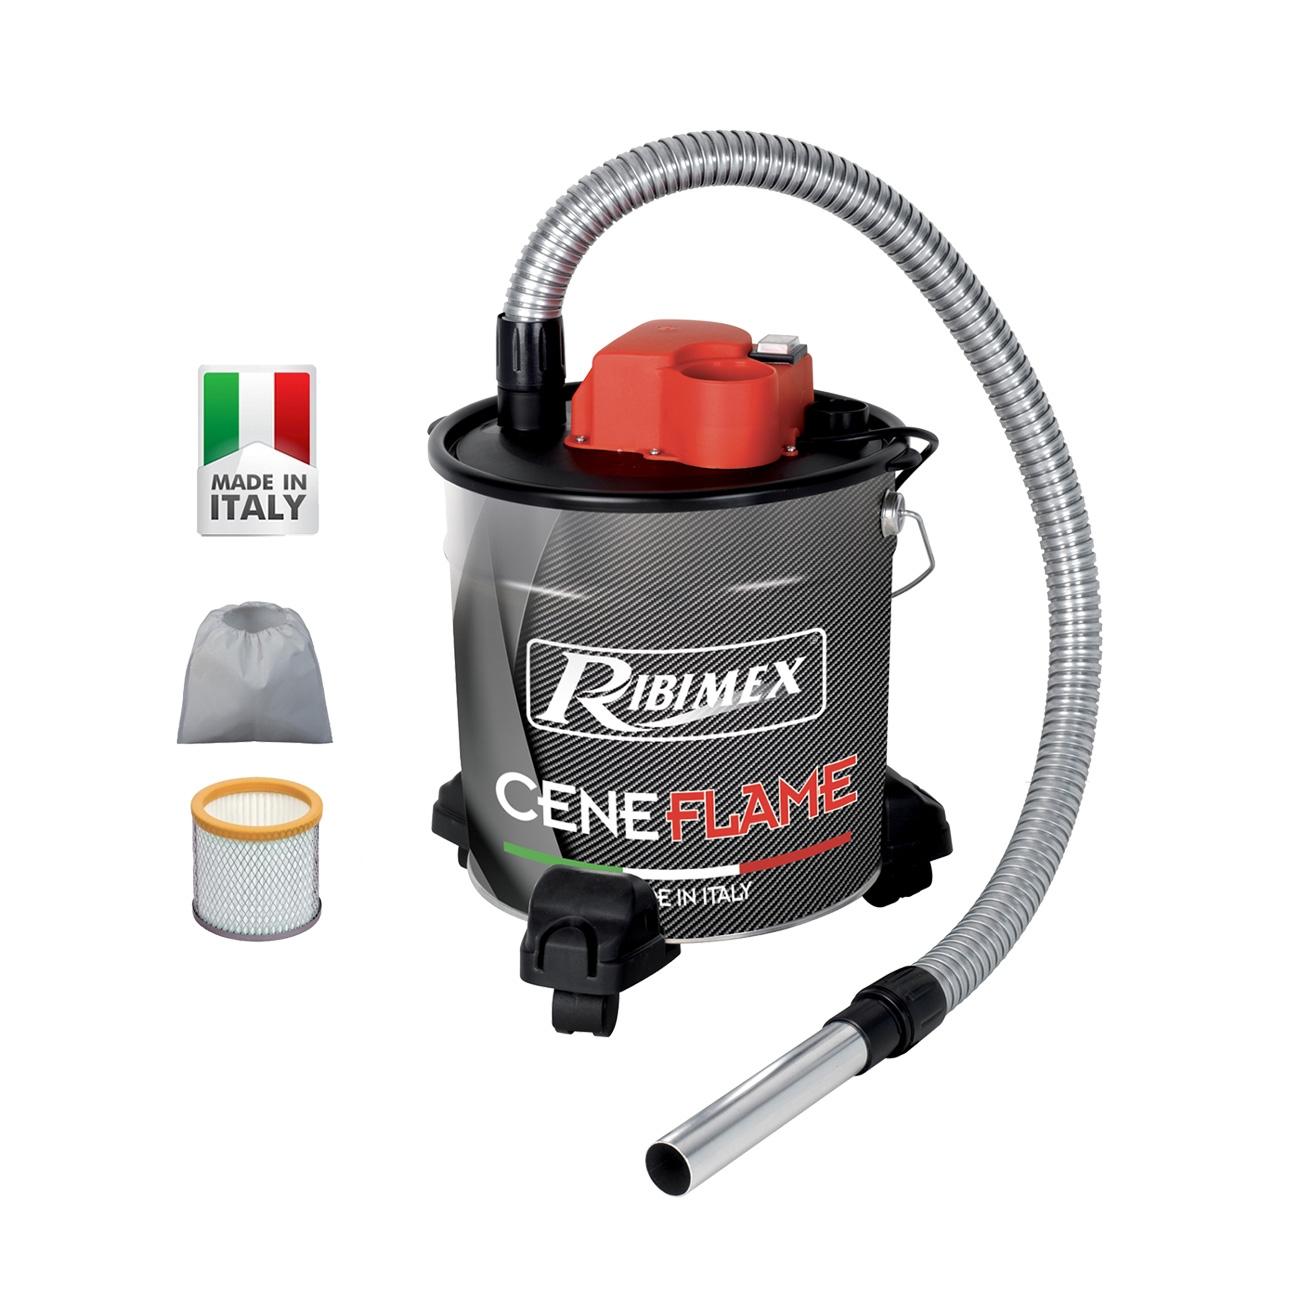 Image of Bidone Aspiracenere elettrico Ribimex Ceneflame 1200W